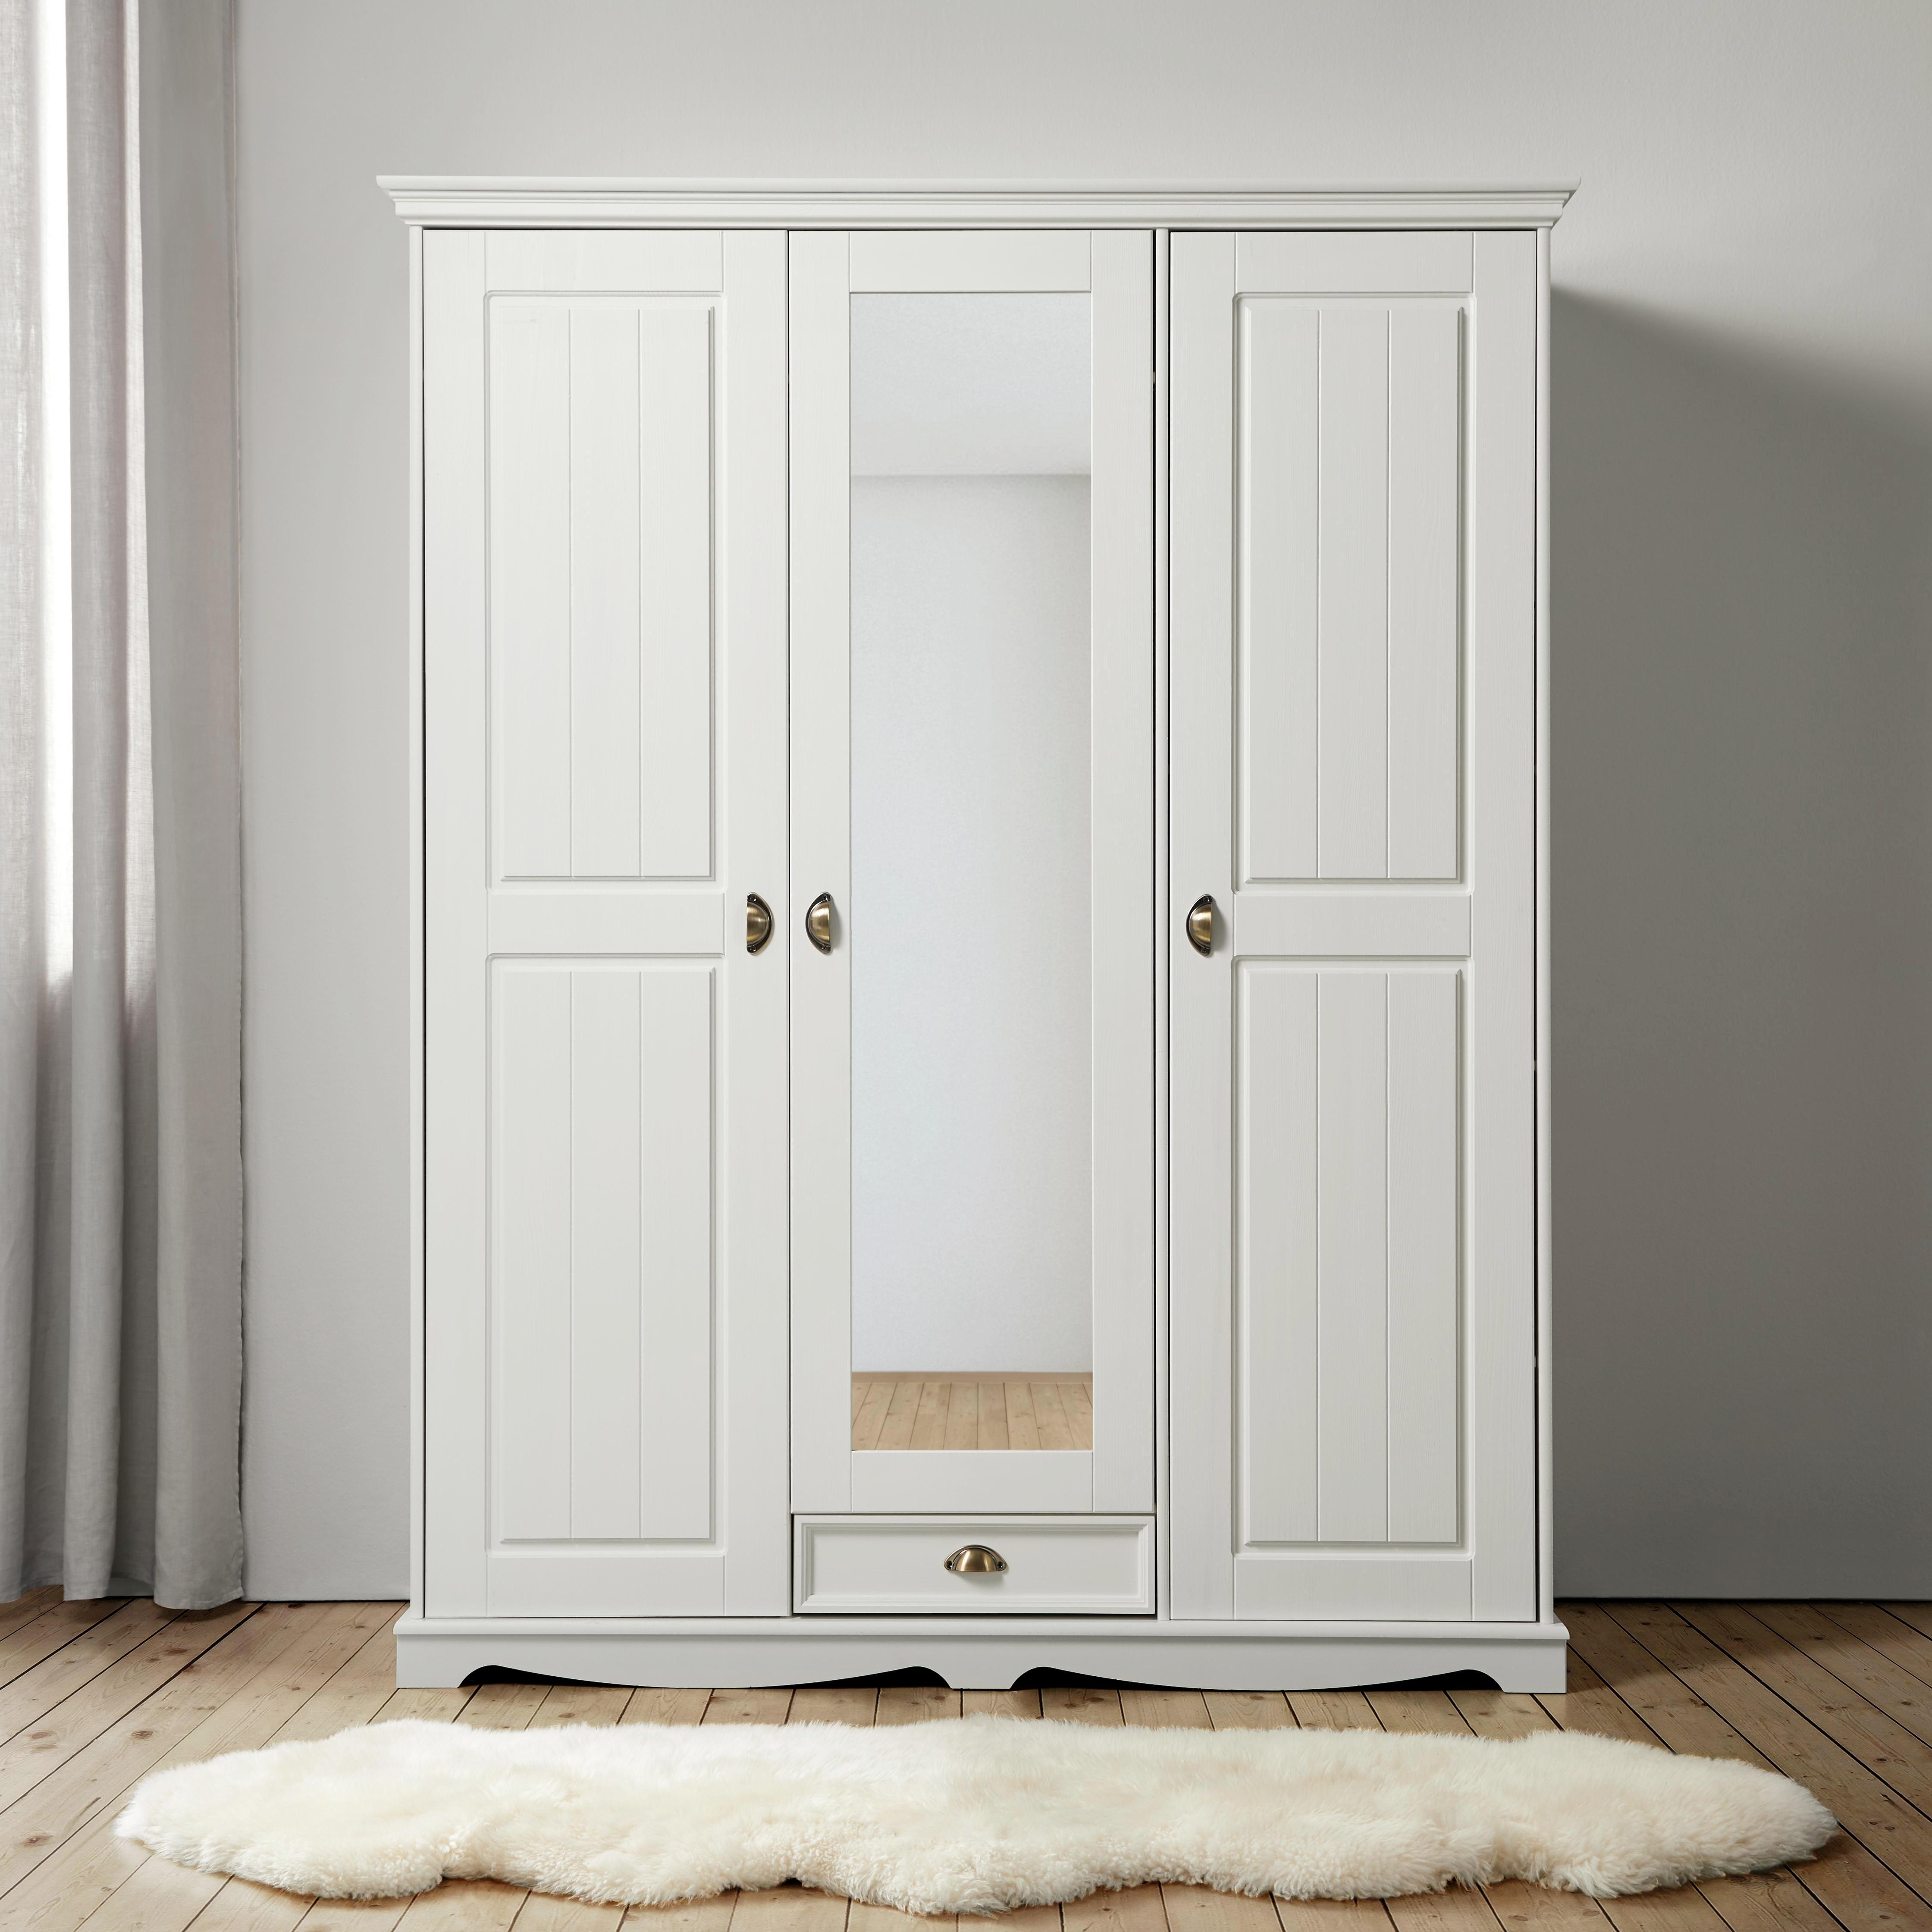 Mömax Badezimmer Schrank: Kleiderschrank Claudia Online Kaufen Mömax